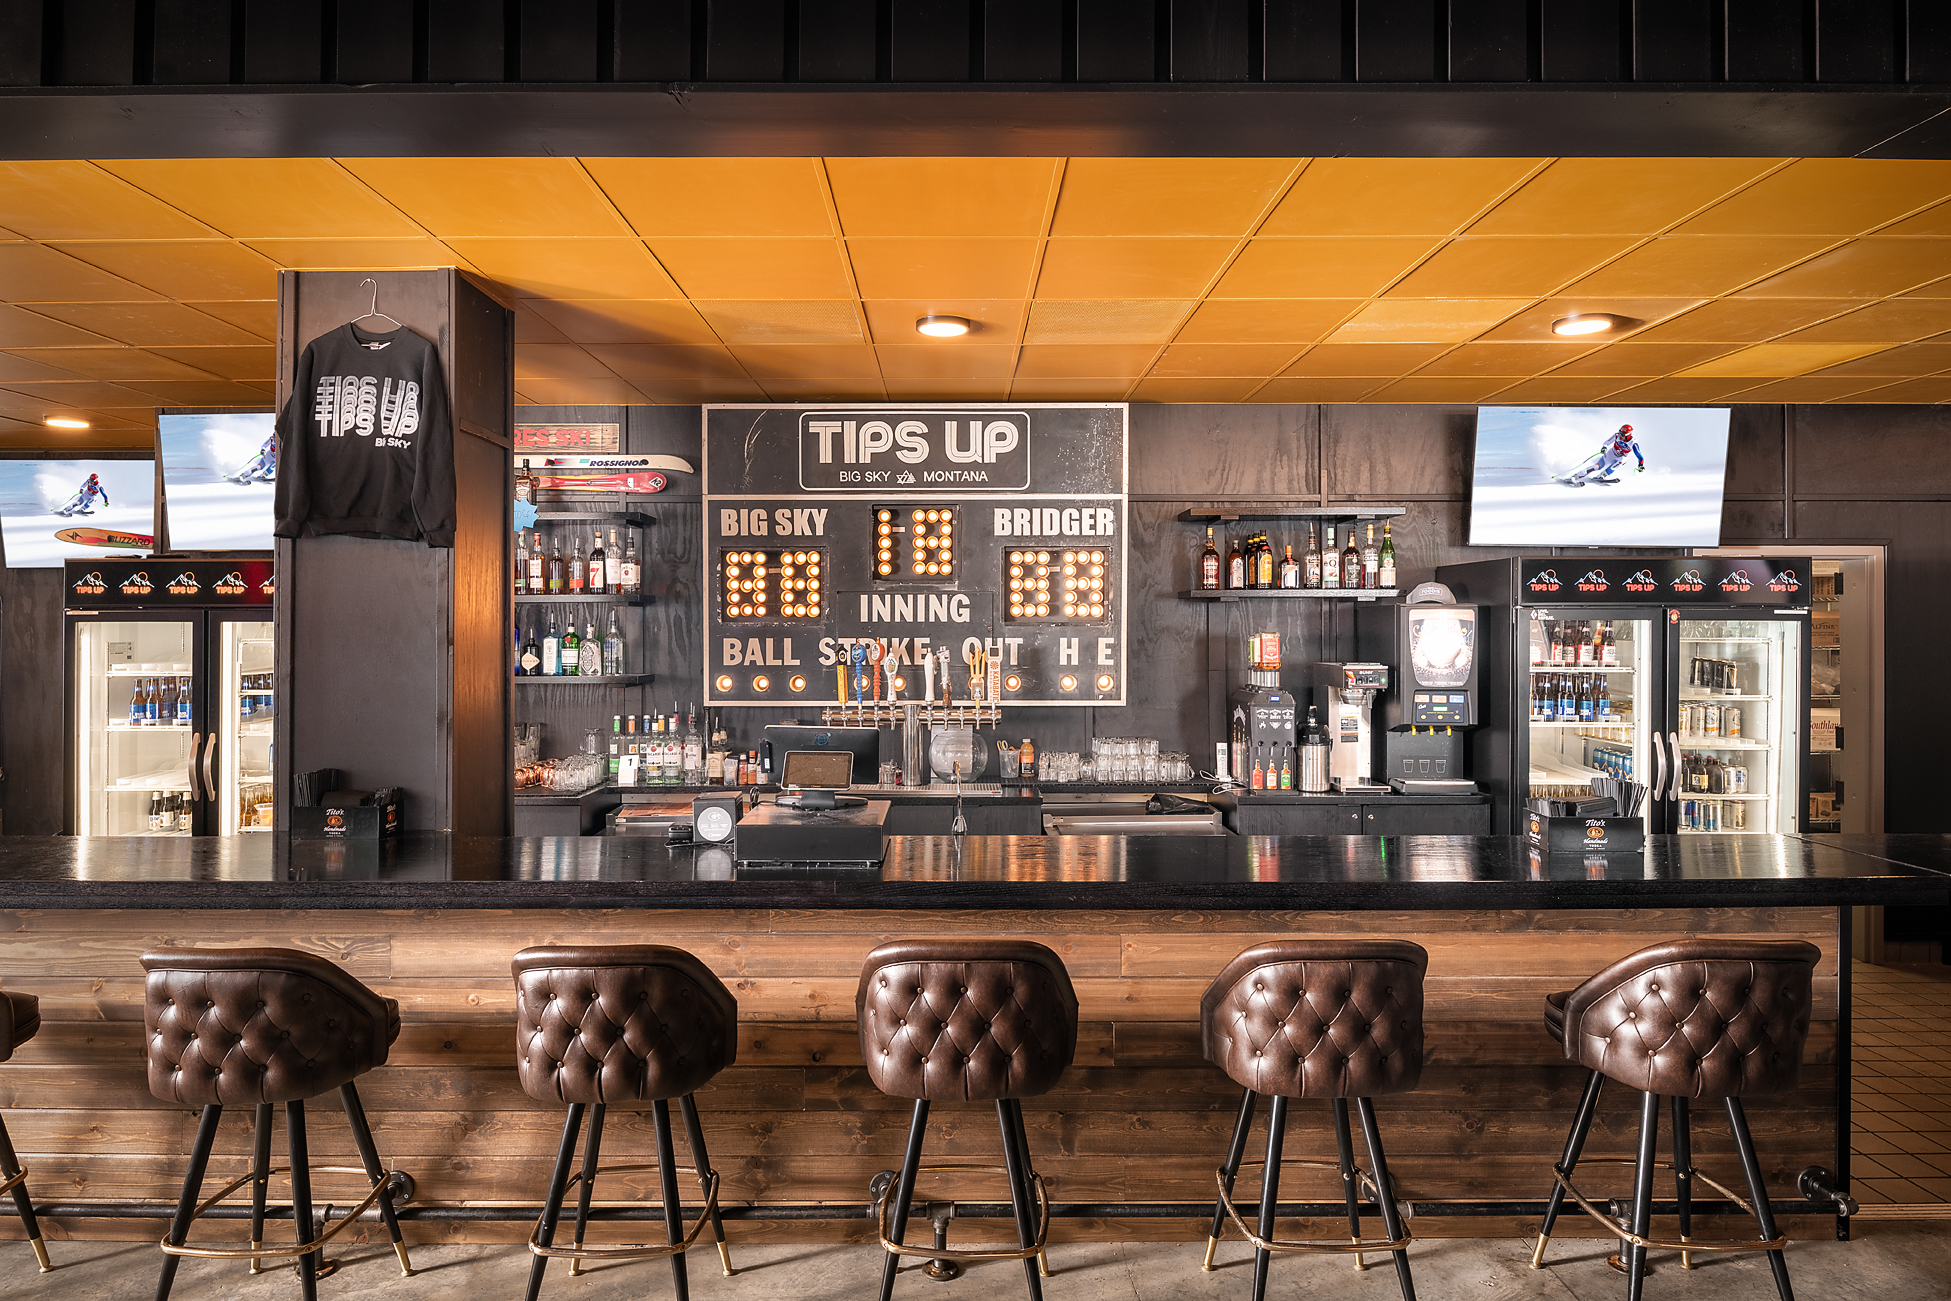 Tips Up Bar Image 10